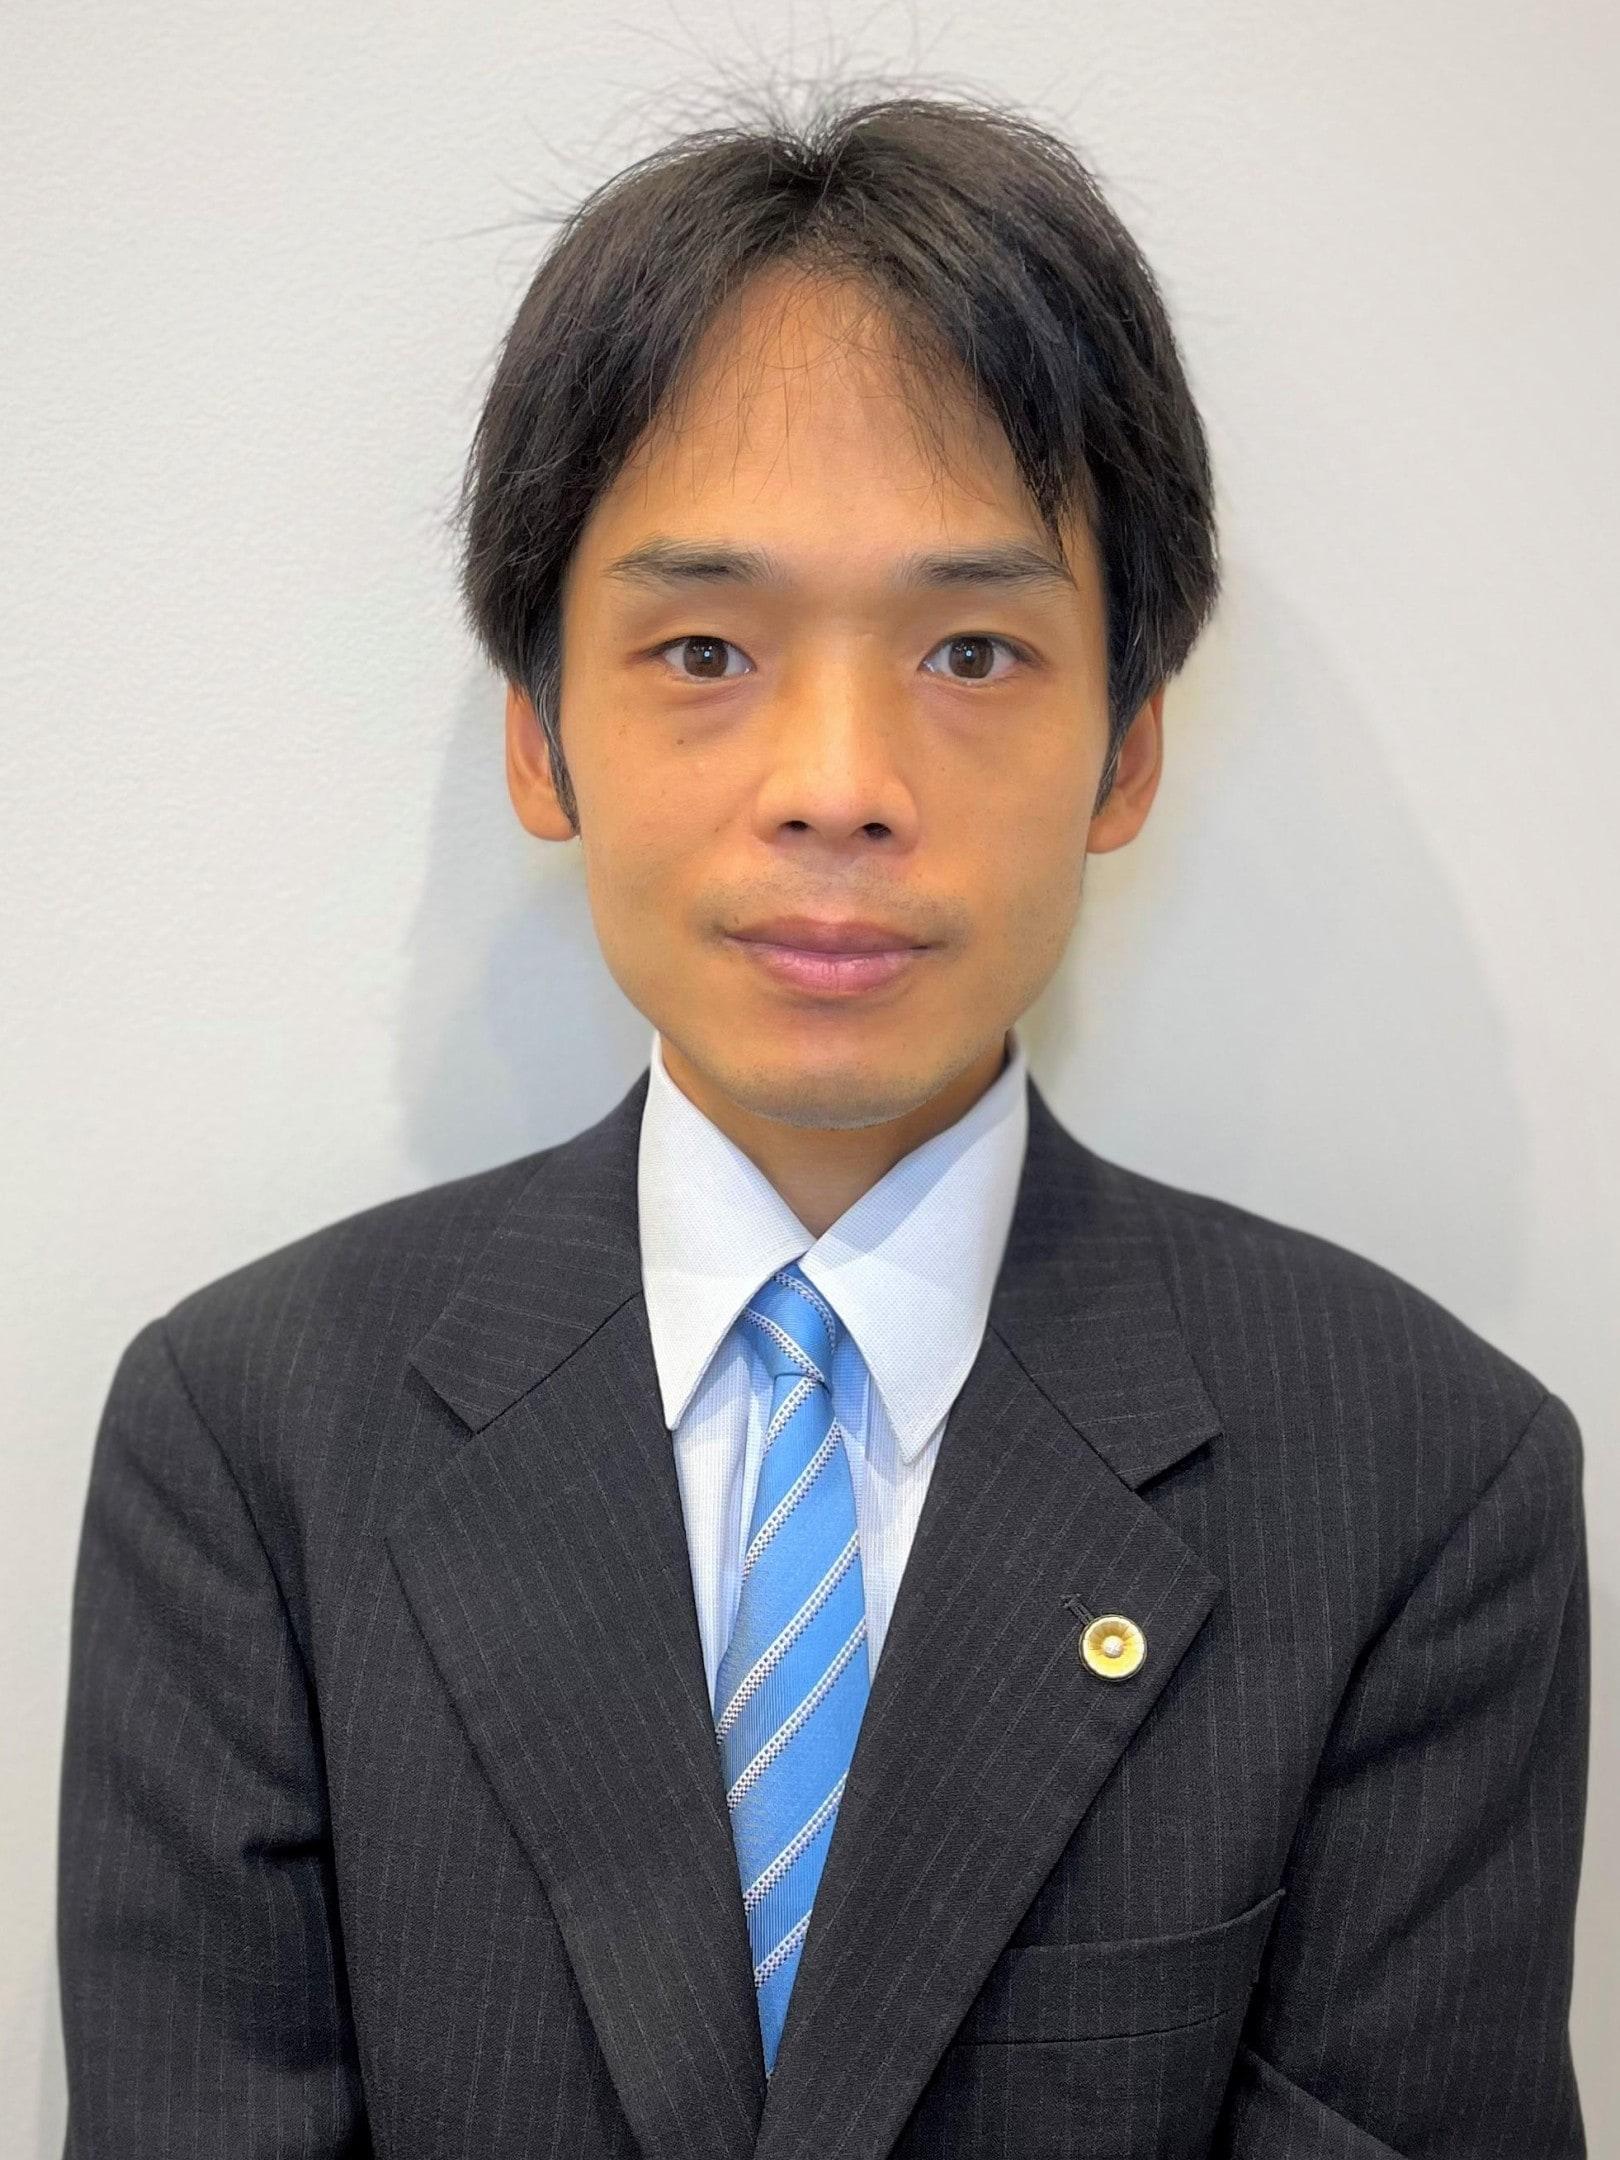 服部 全宏弁護士